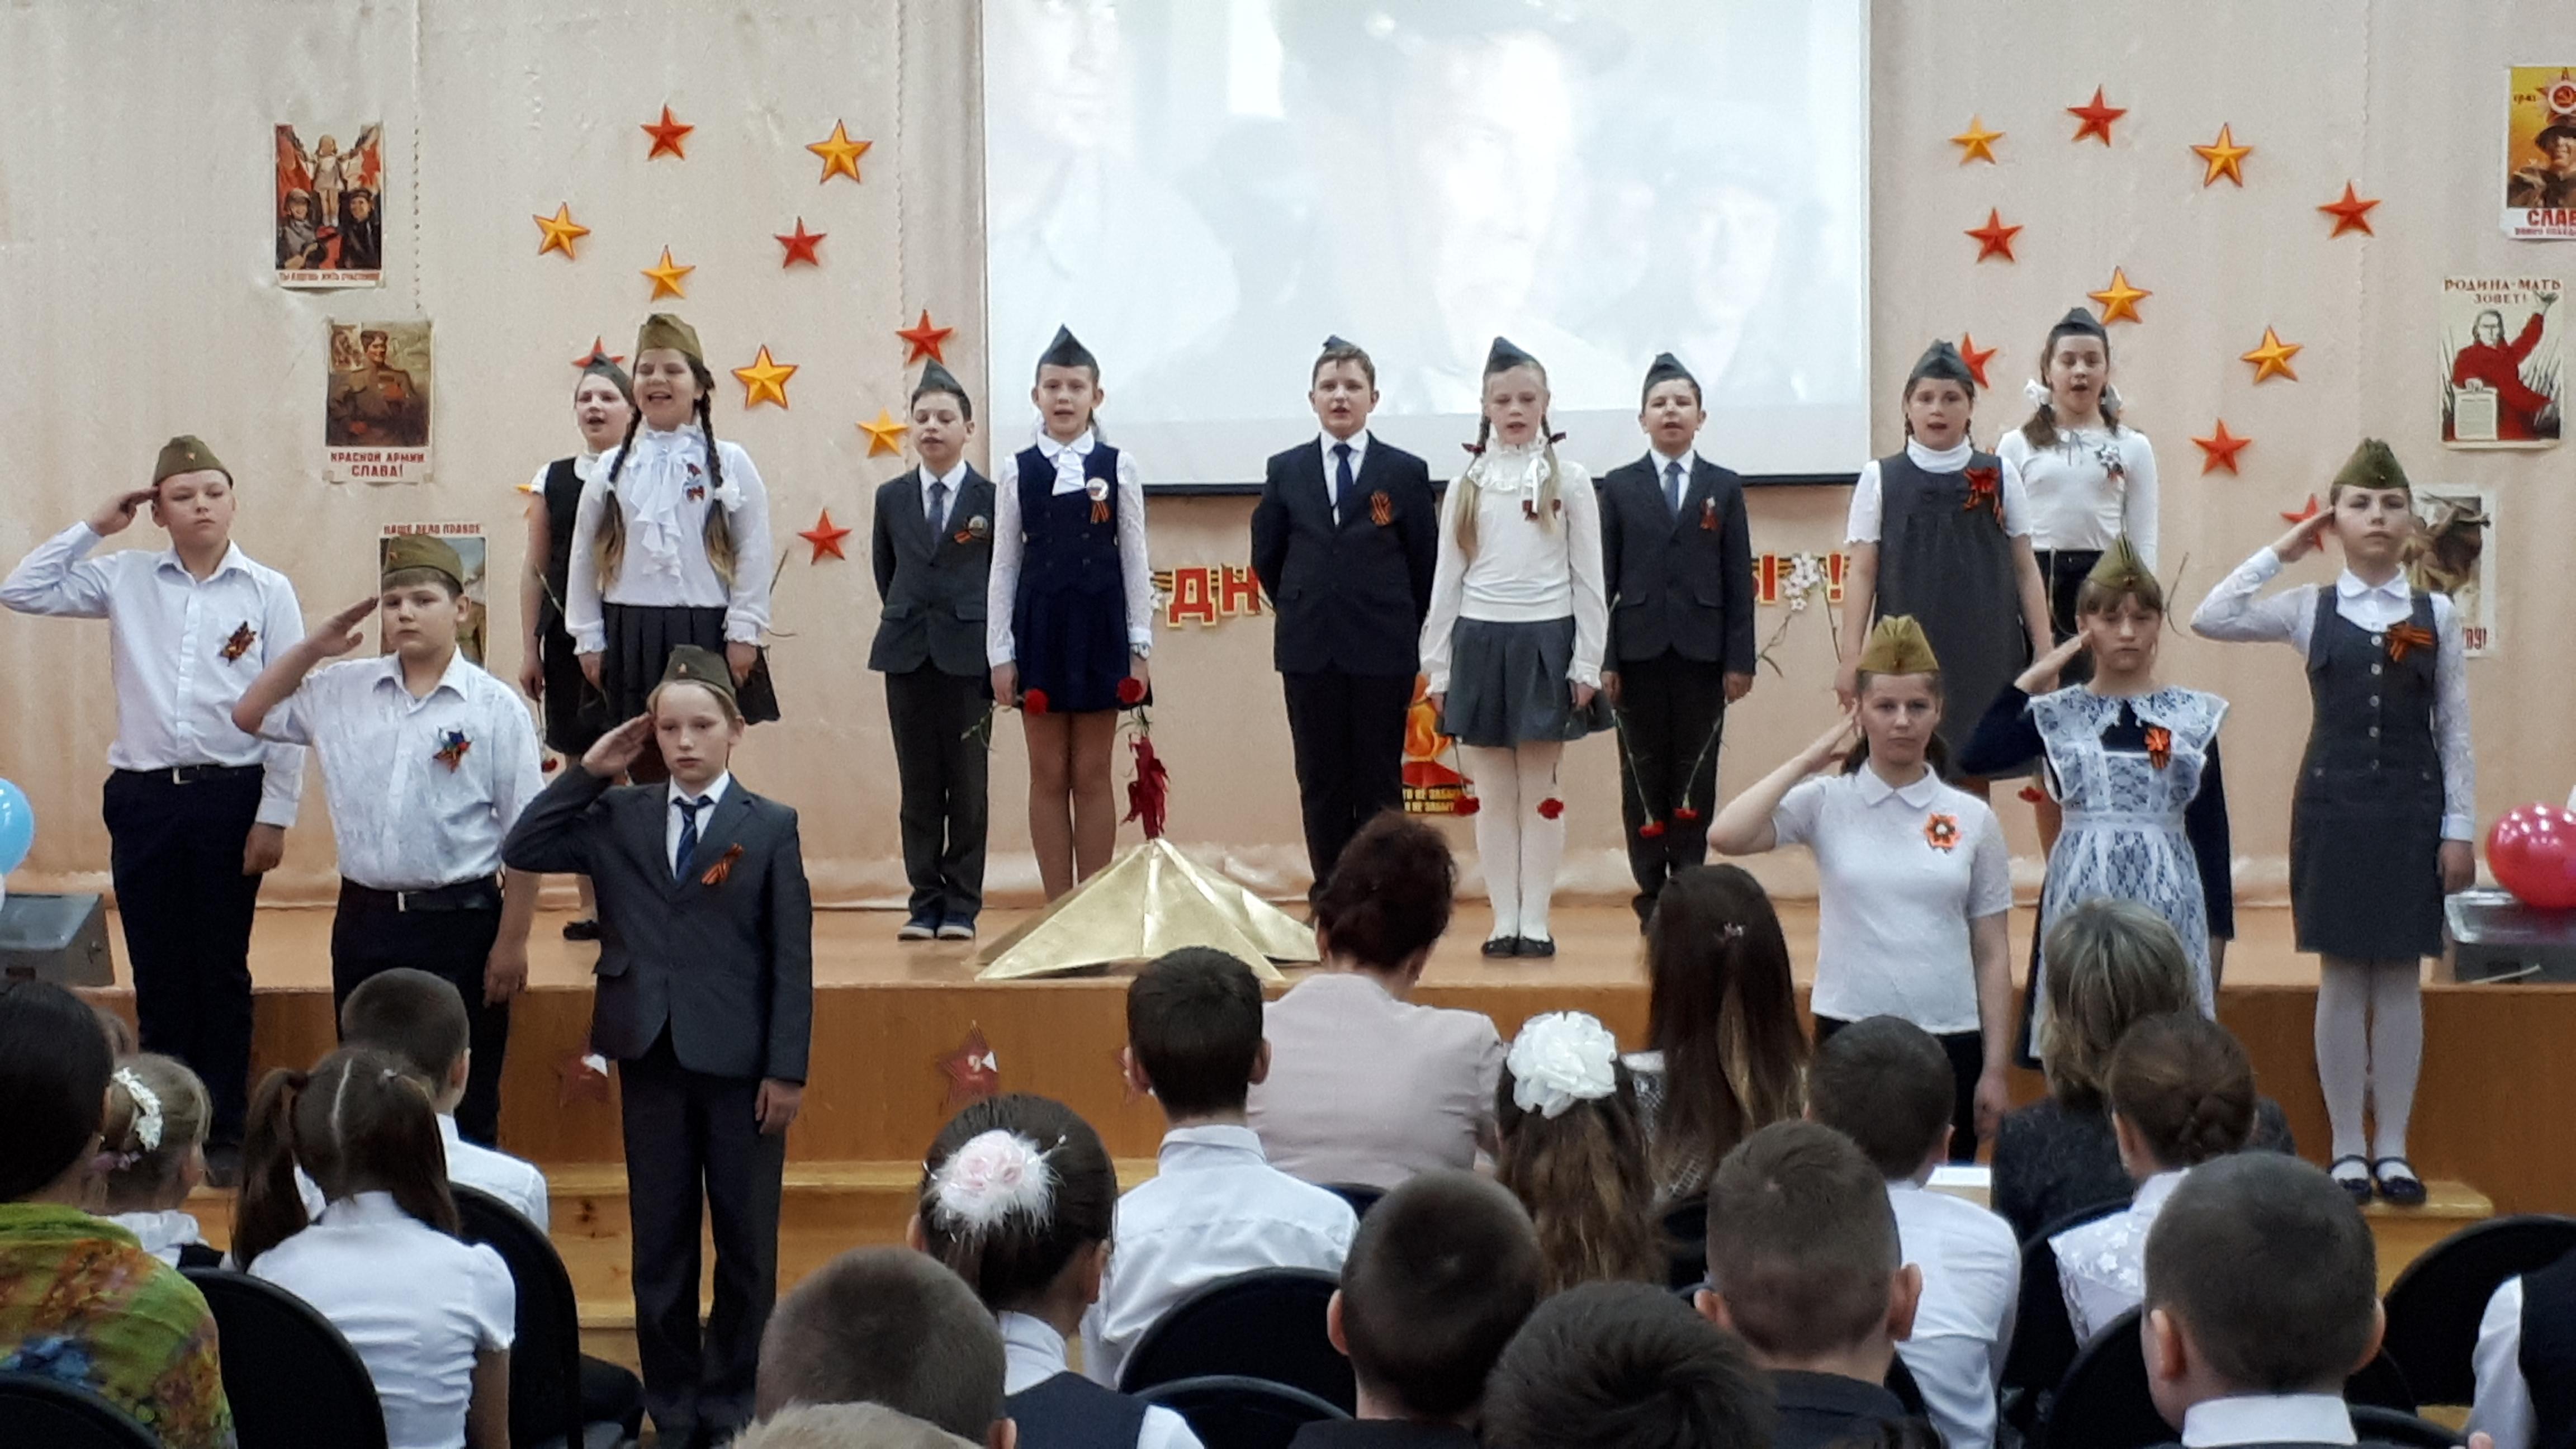 дети поют на фестивали